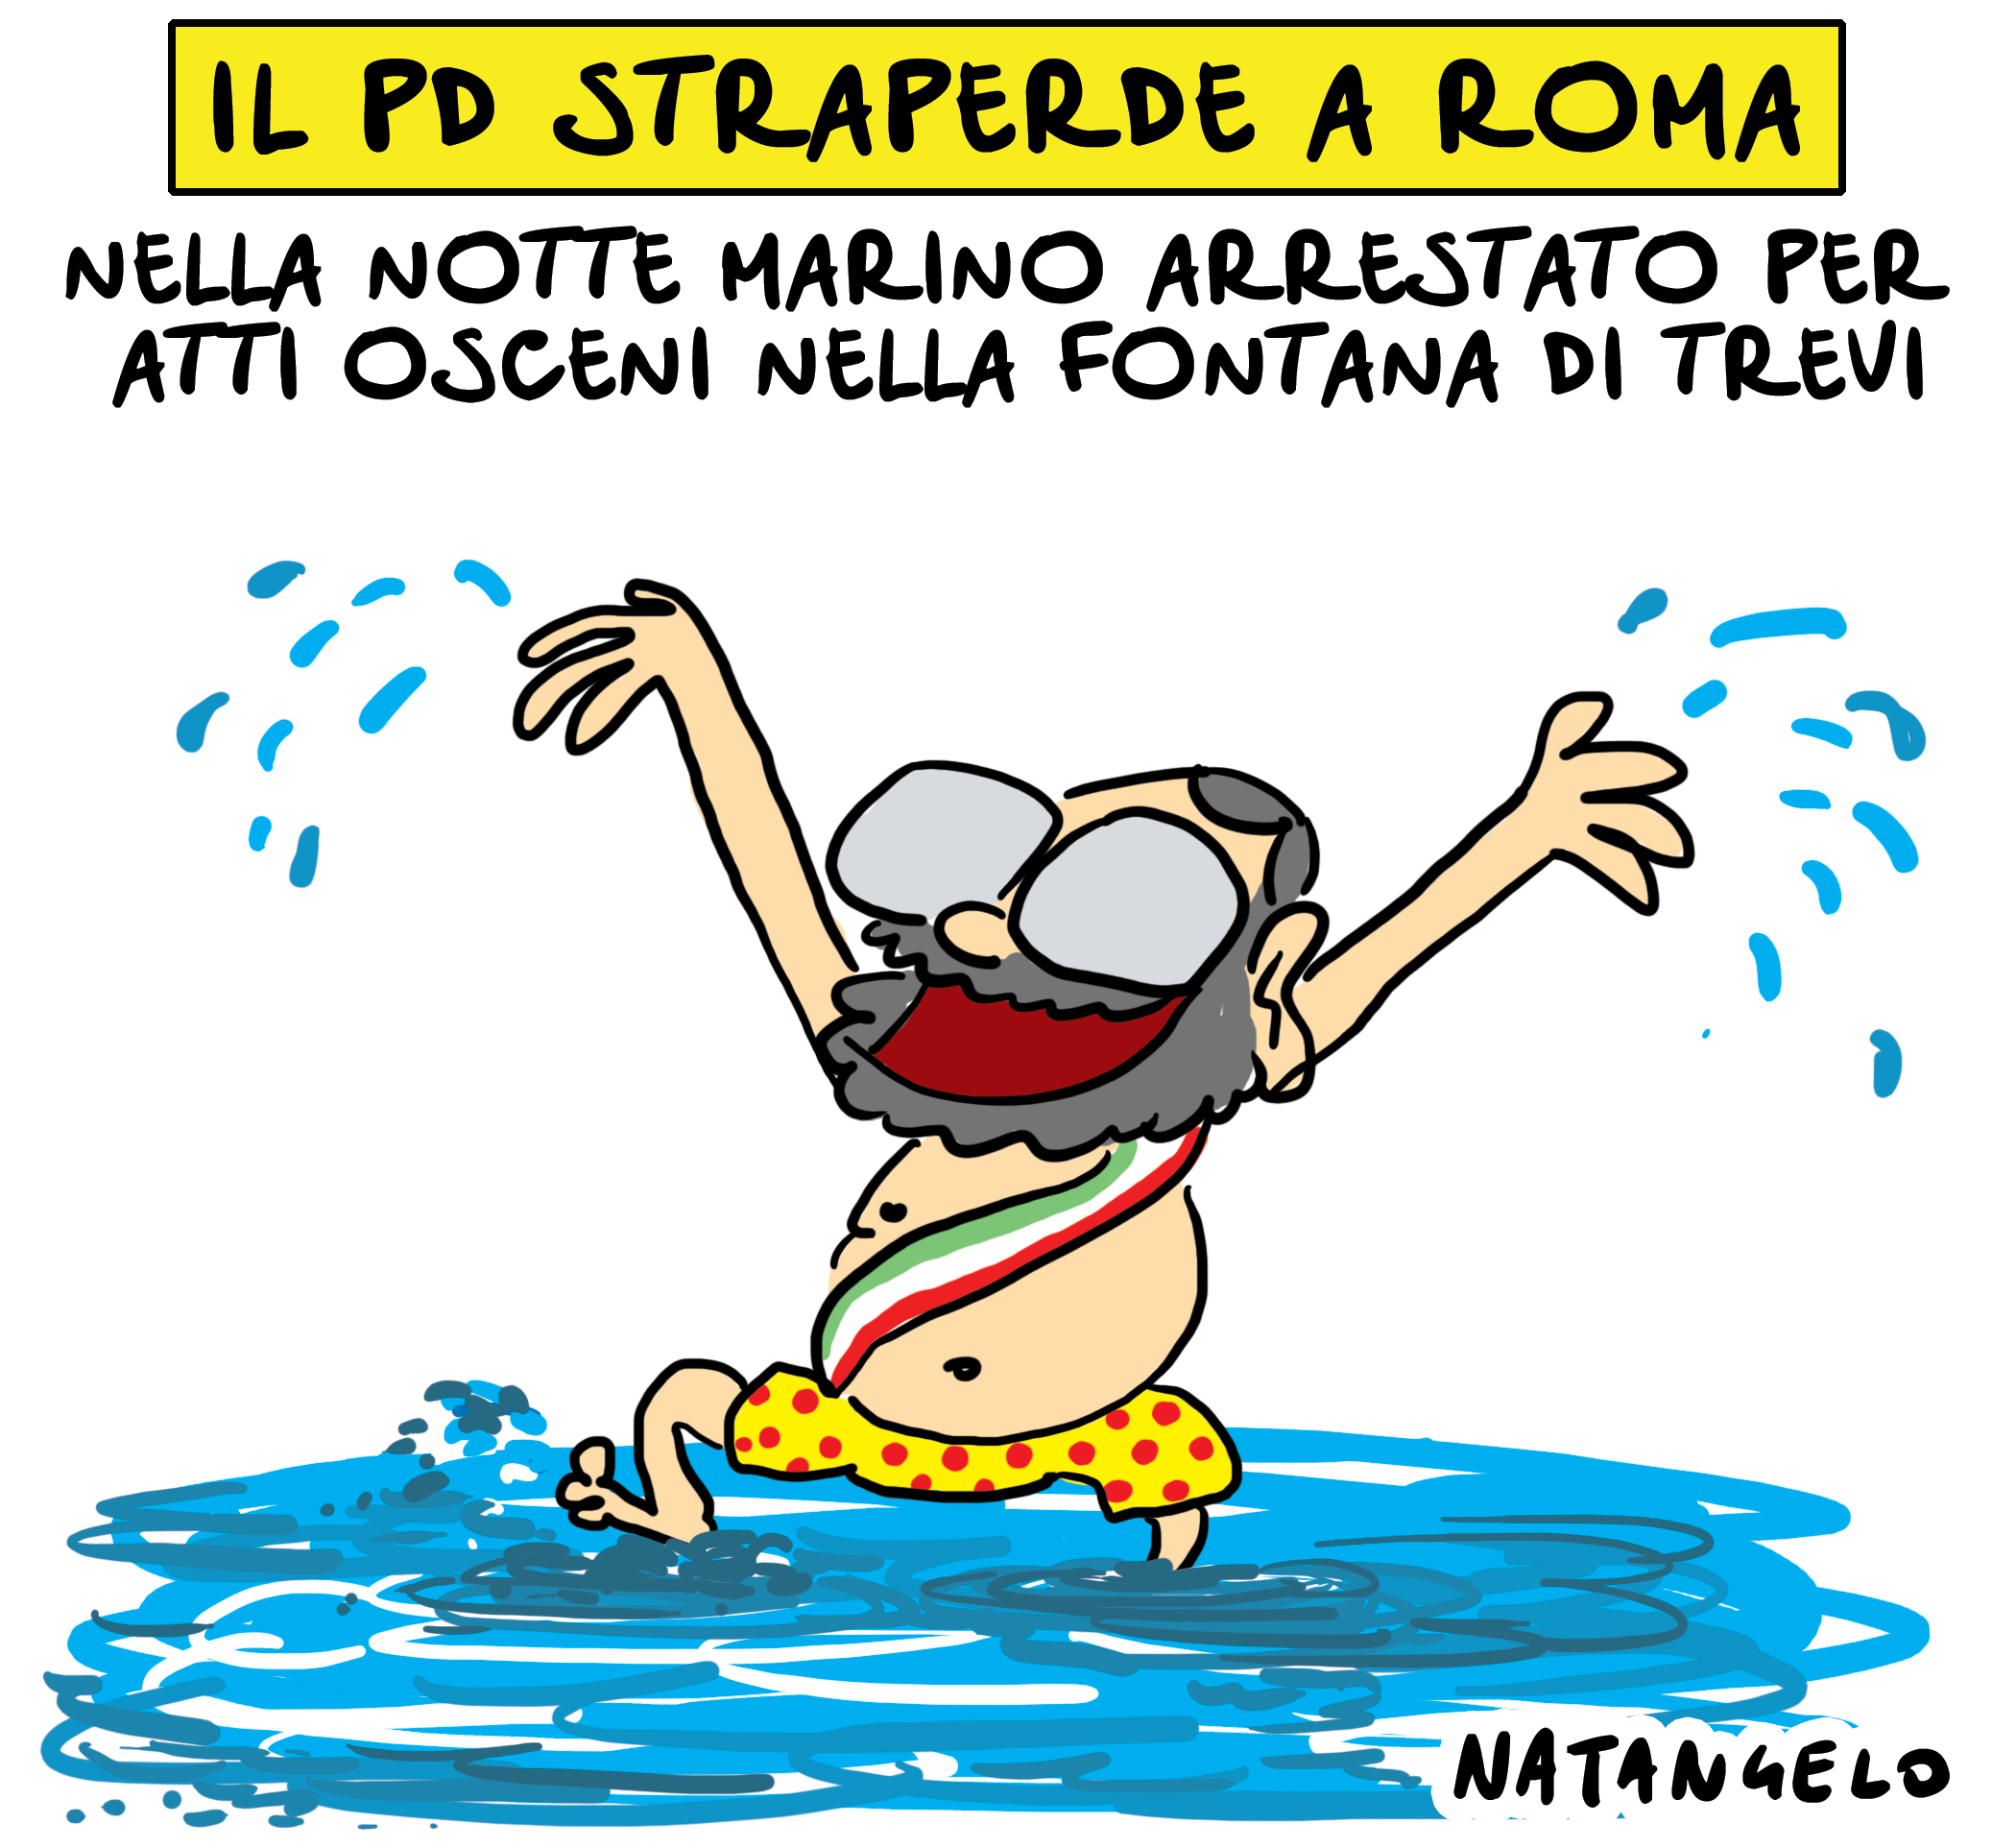 Il Pd straperde a Roma